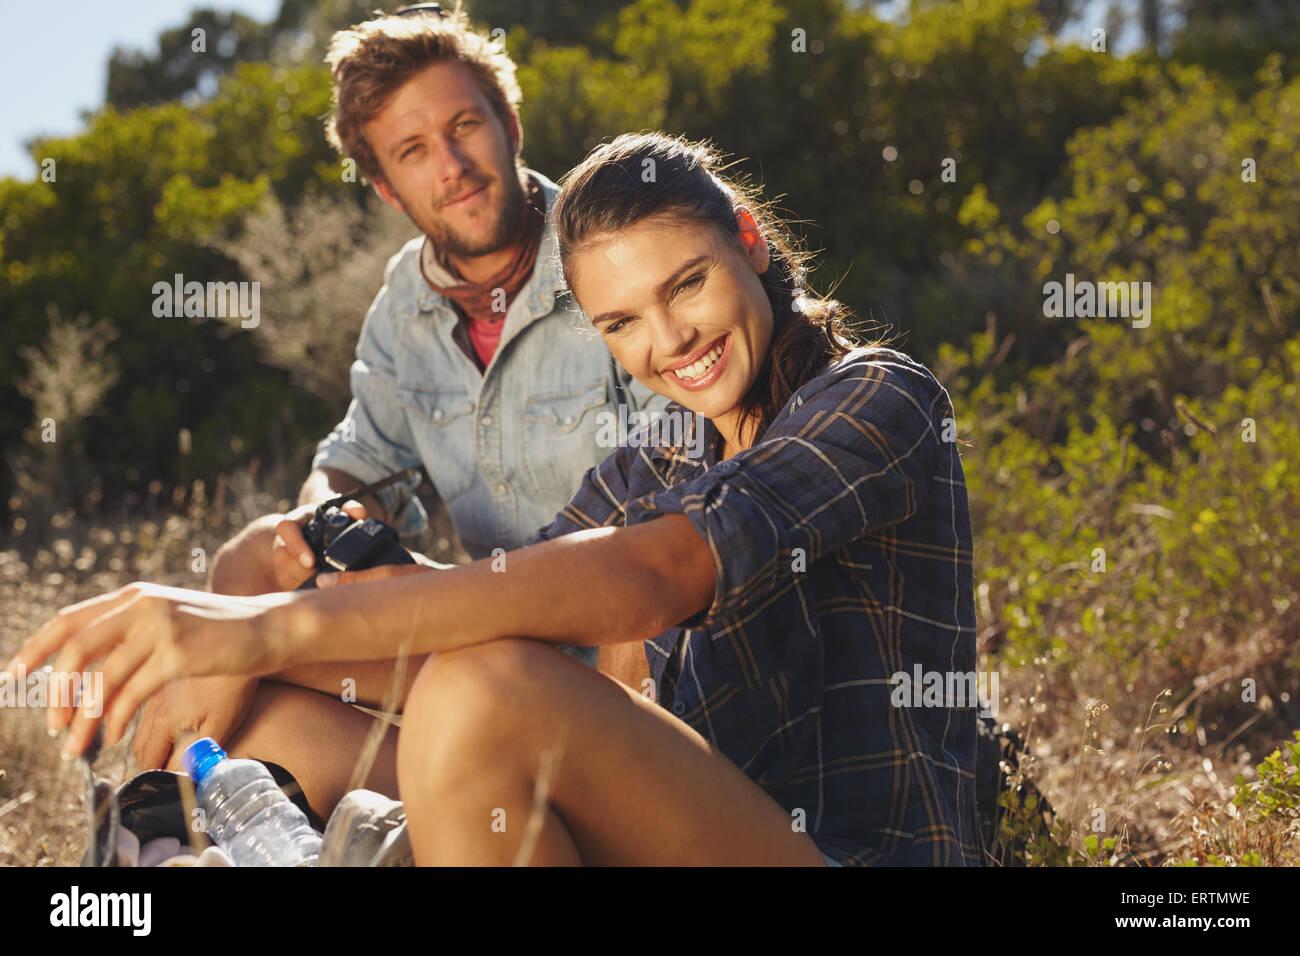 Porträt der glückliche junge Frau mit ihrem Freund eine Pause auf einer Wanderung. Wandern im Sommerurlaub, Stockbild